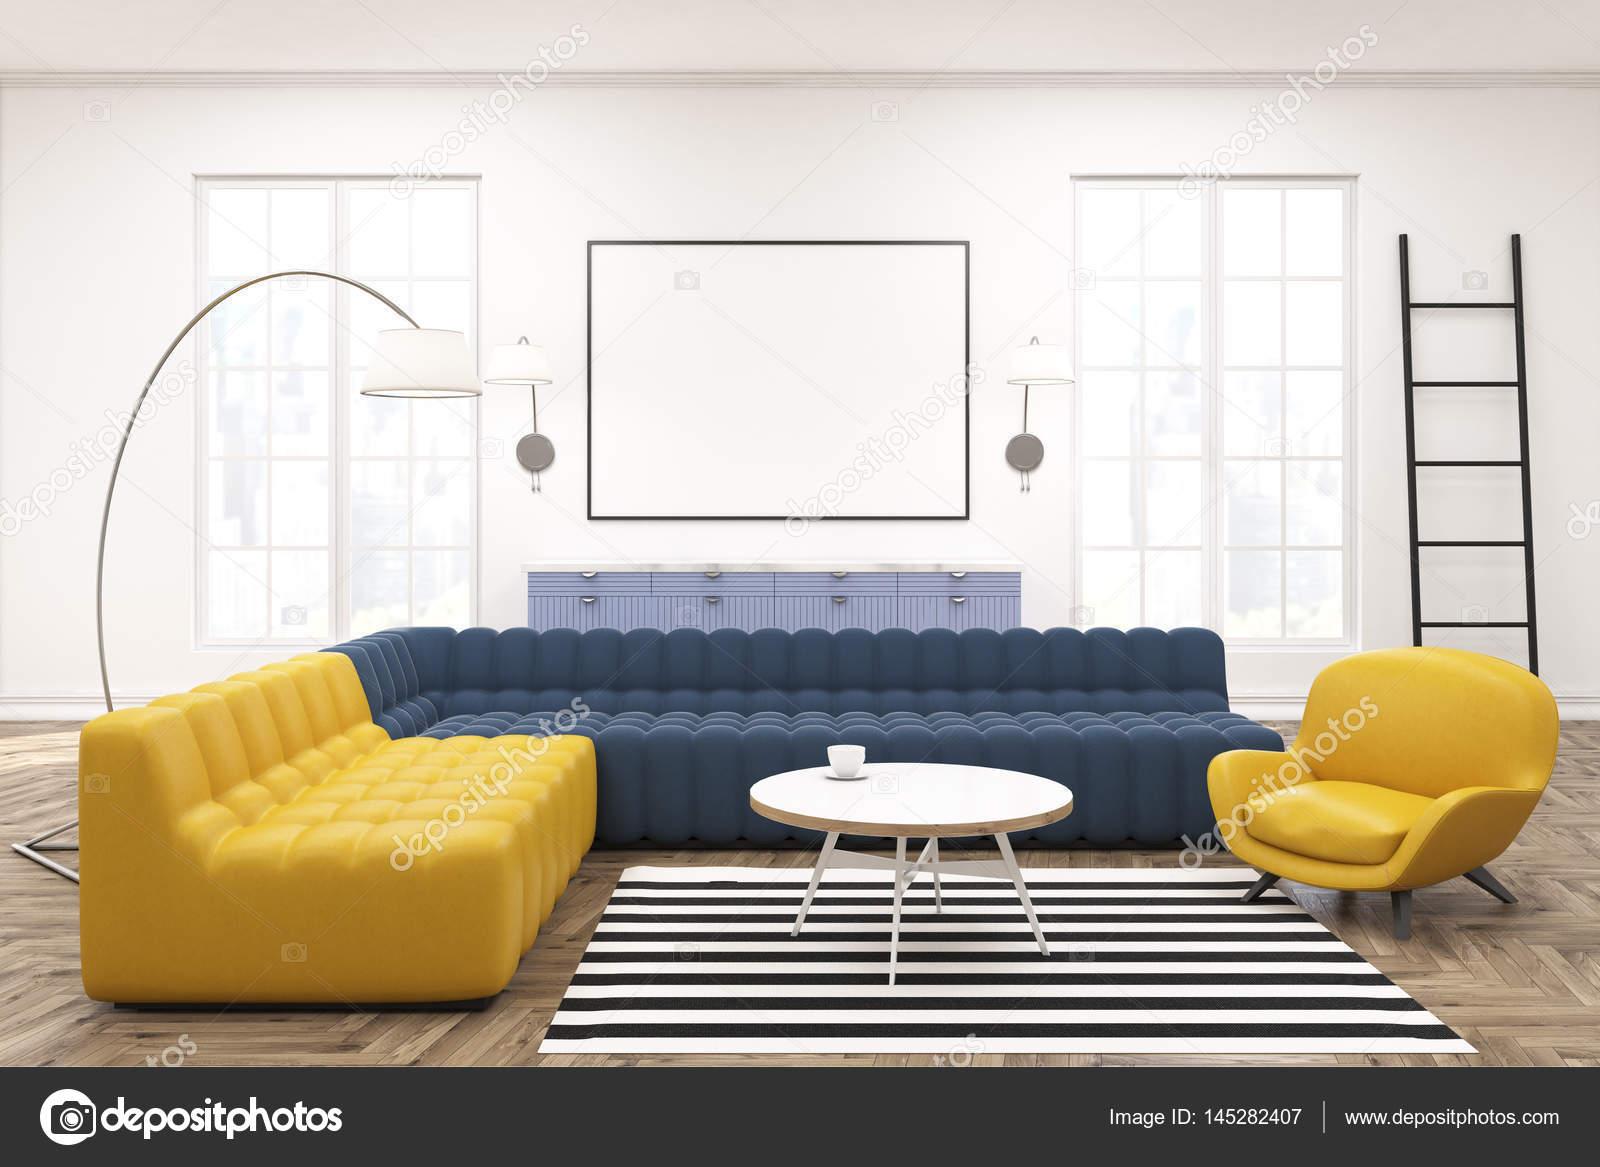 Intérieur Moderne Salon Spacieux Avec Un Jaune Et Un Canapé Bleu Foncé, Une  échelle, Grandes Fenêtres Et Une Affiche Horizontale Encadrée Dans Le  Centre. ...